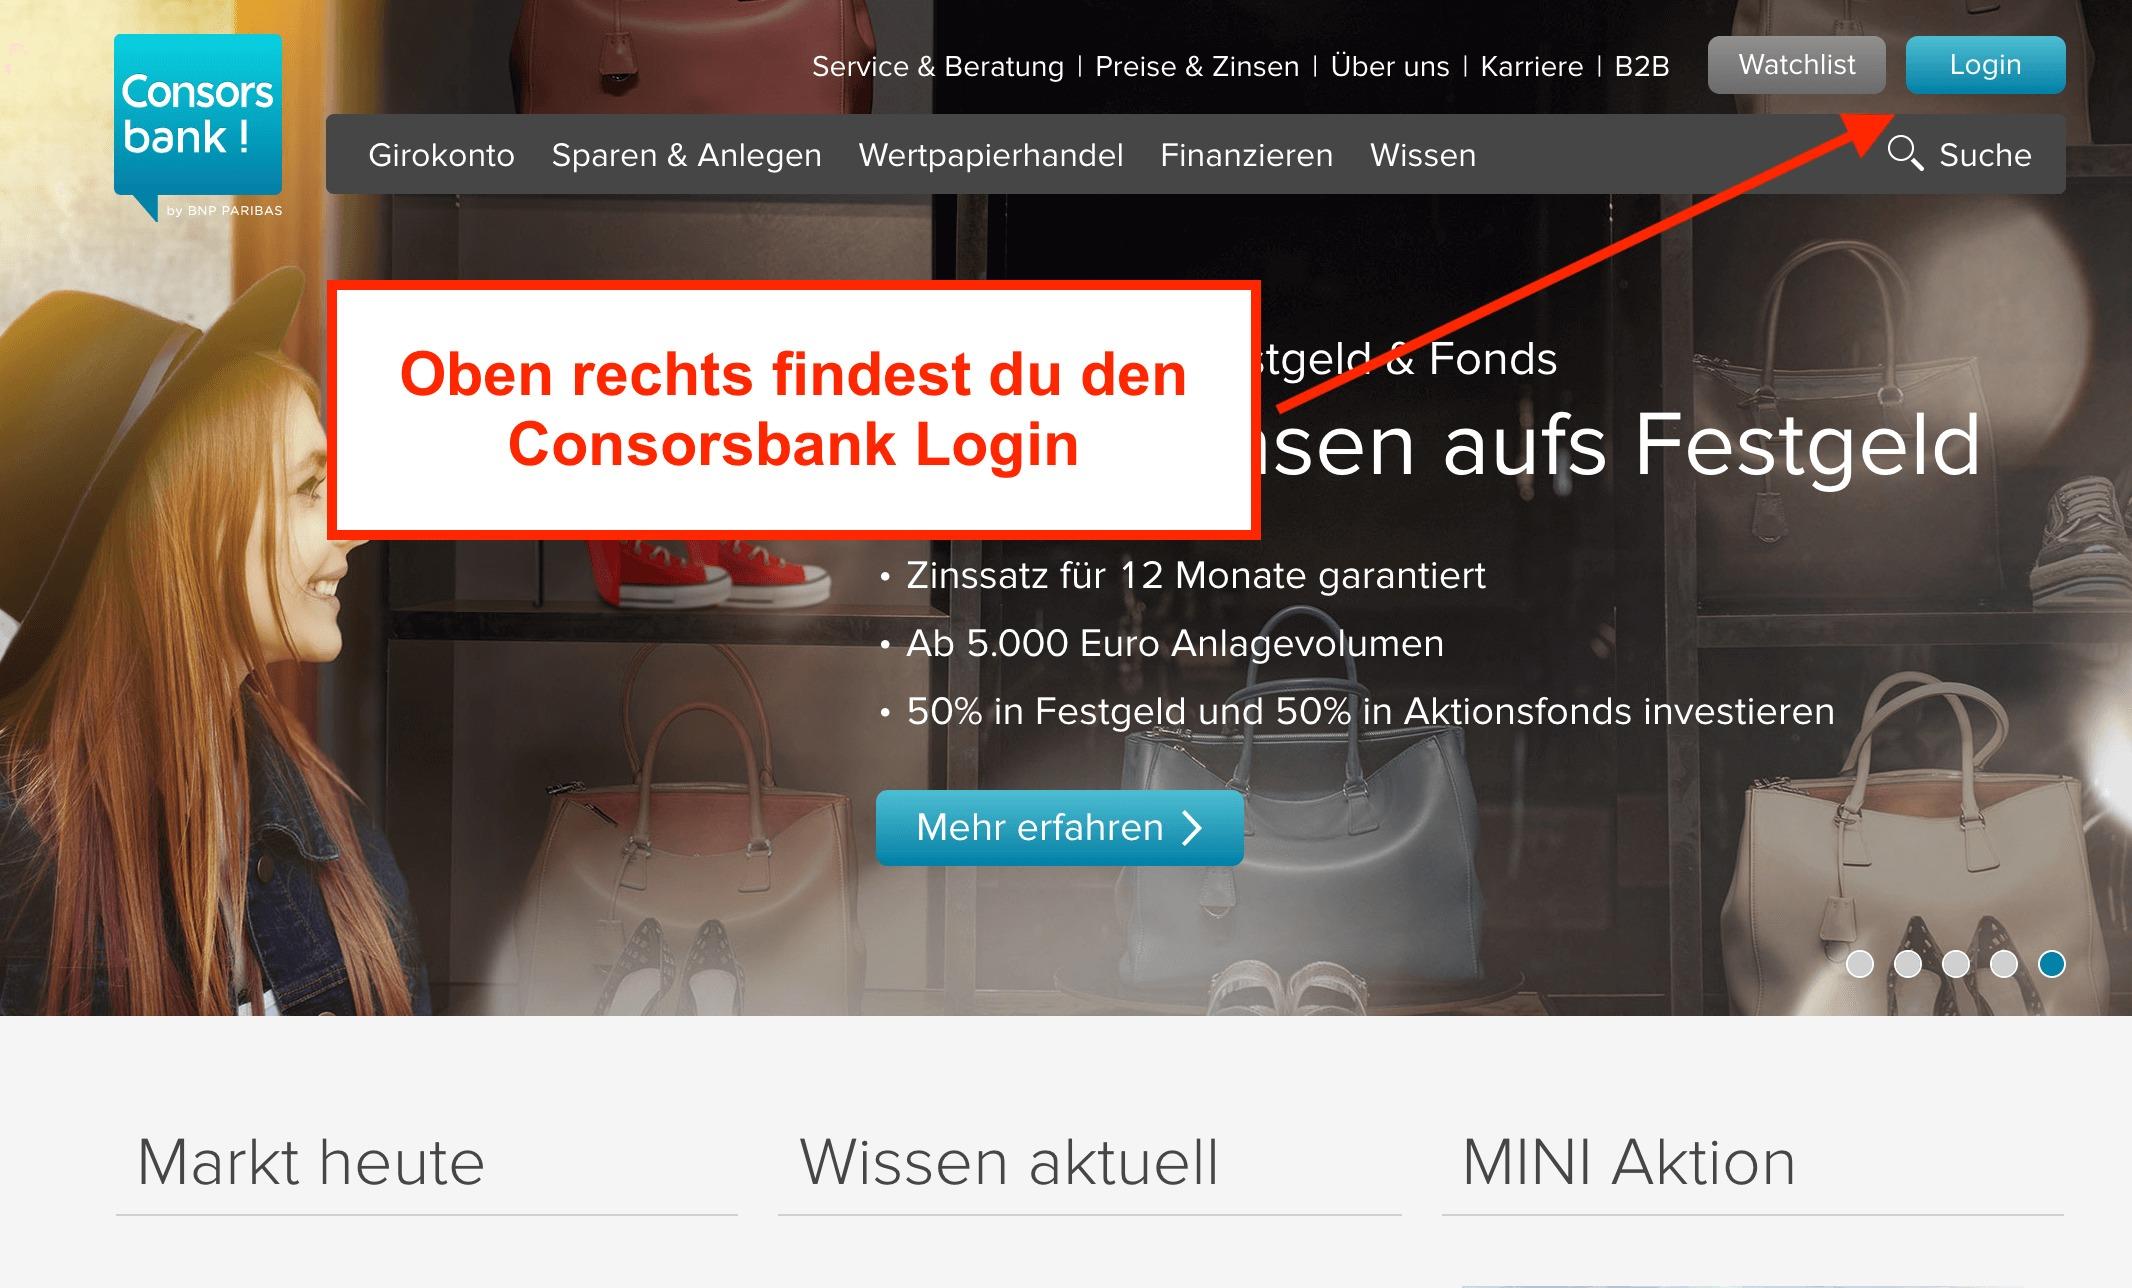 Consorsbank Login Direkt Zum Depot Und Finanz Login